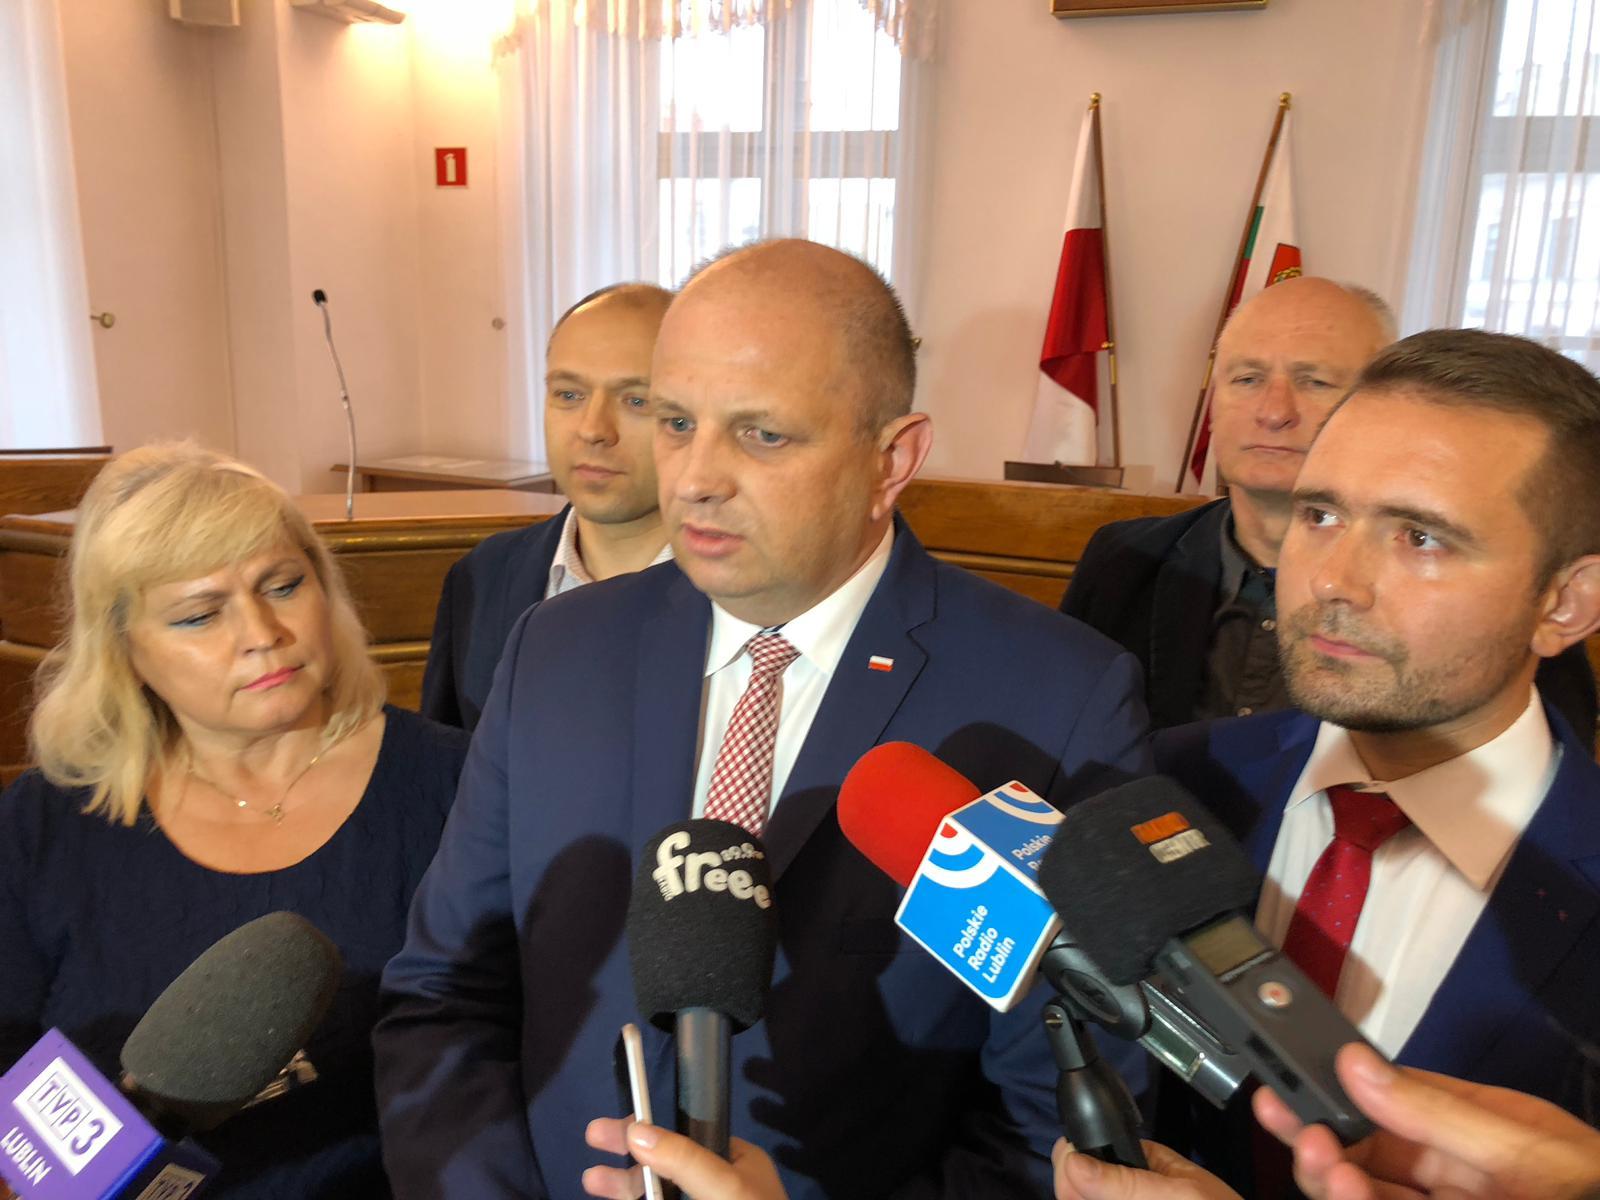 Radni Prawa i Sprawiedliwości zaprezentowali trzech nowych radnych miejskich w swoich szeregach